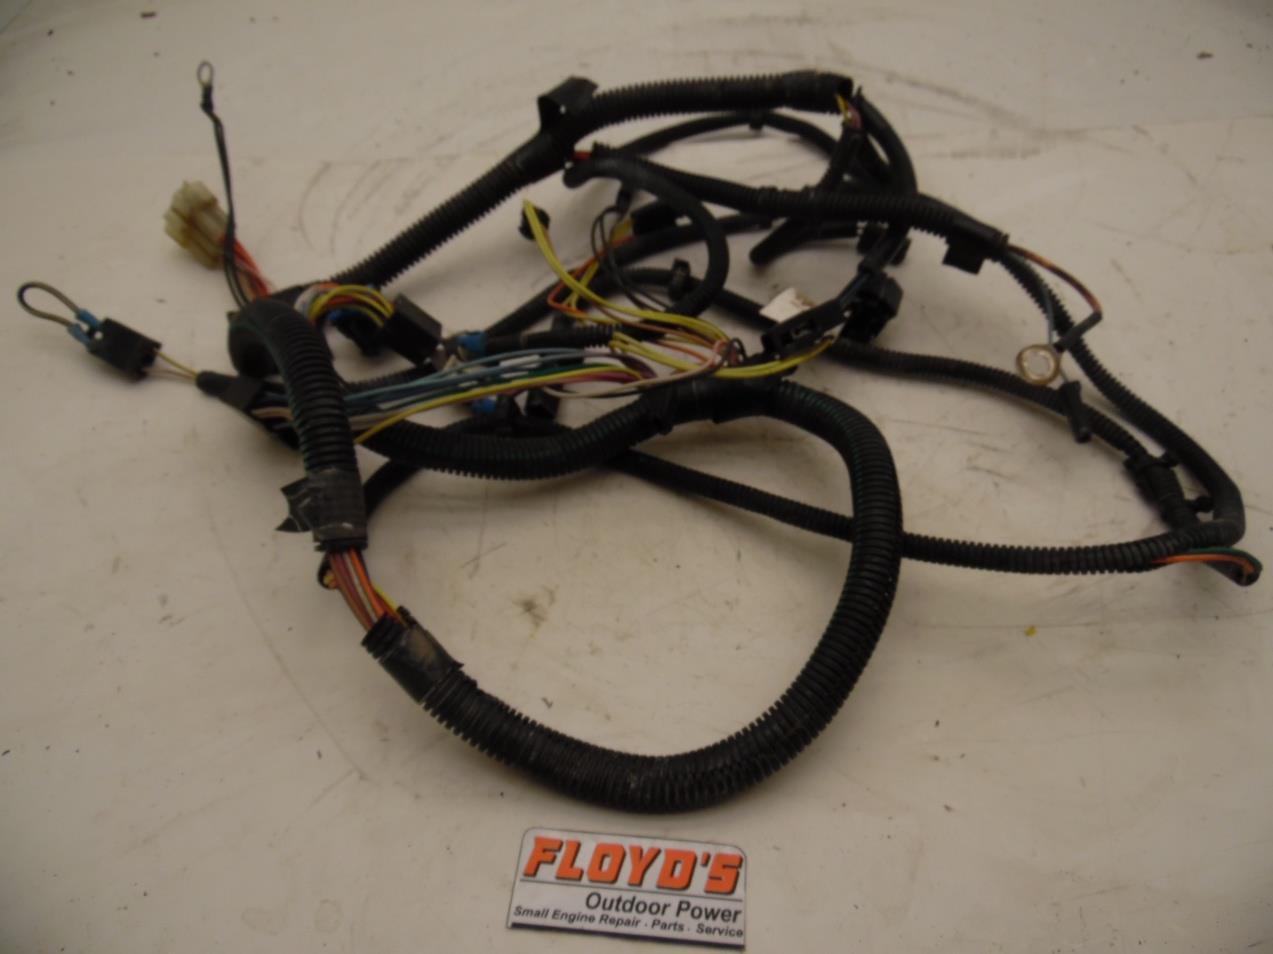 John Deere Lawn Tractor Wiring on